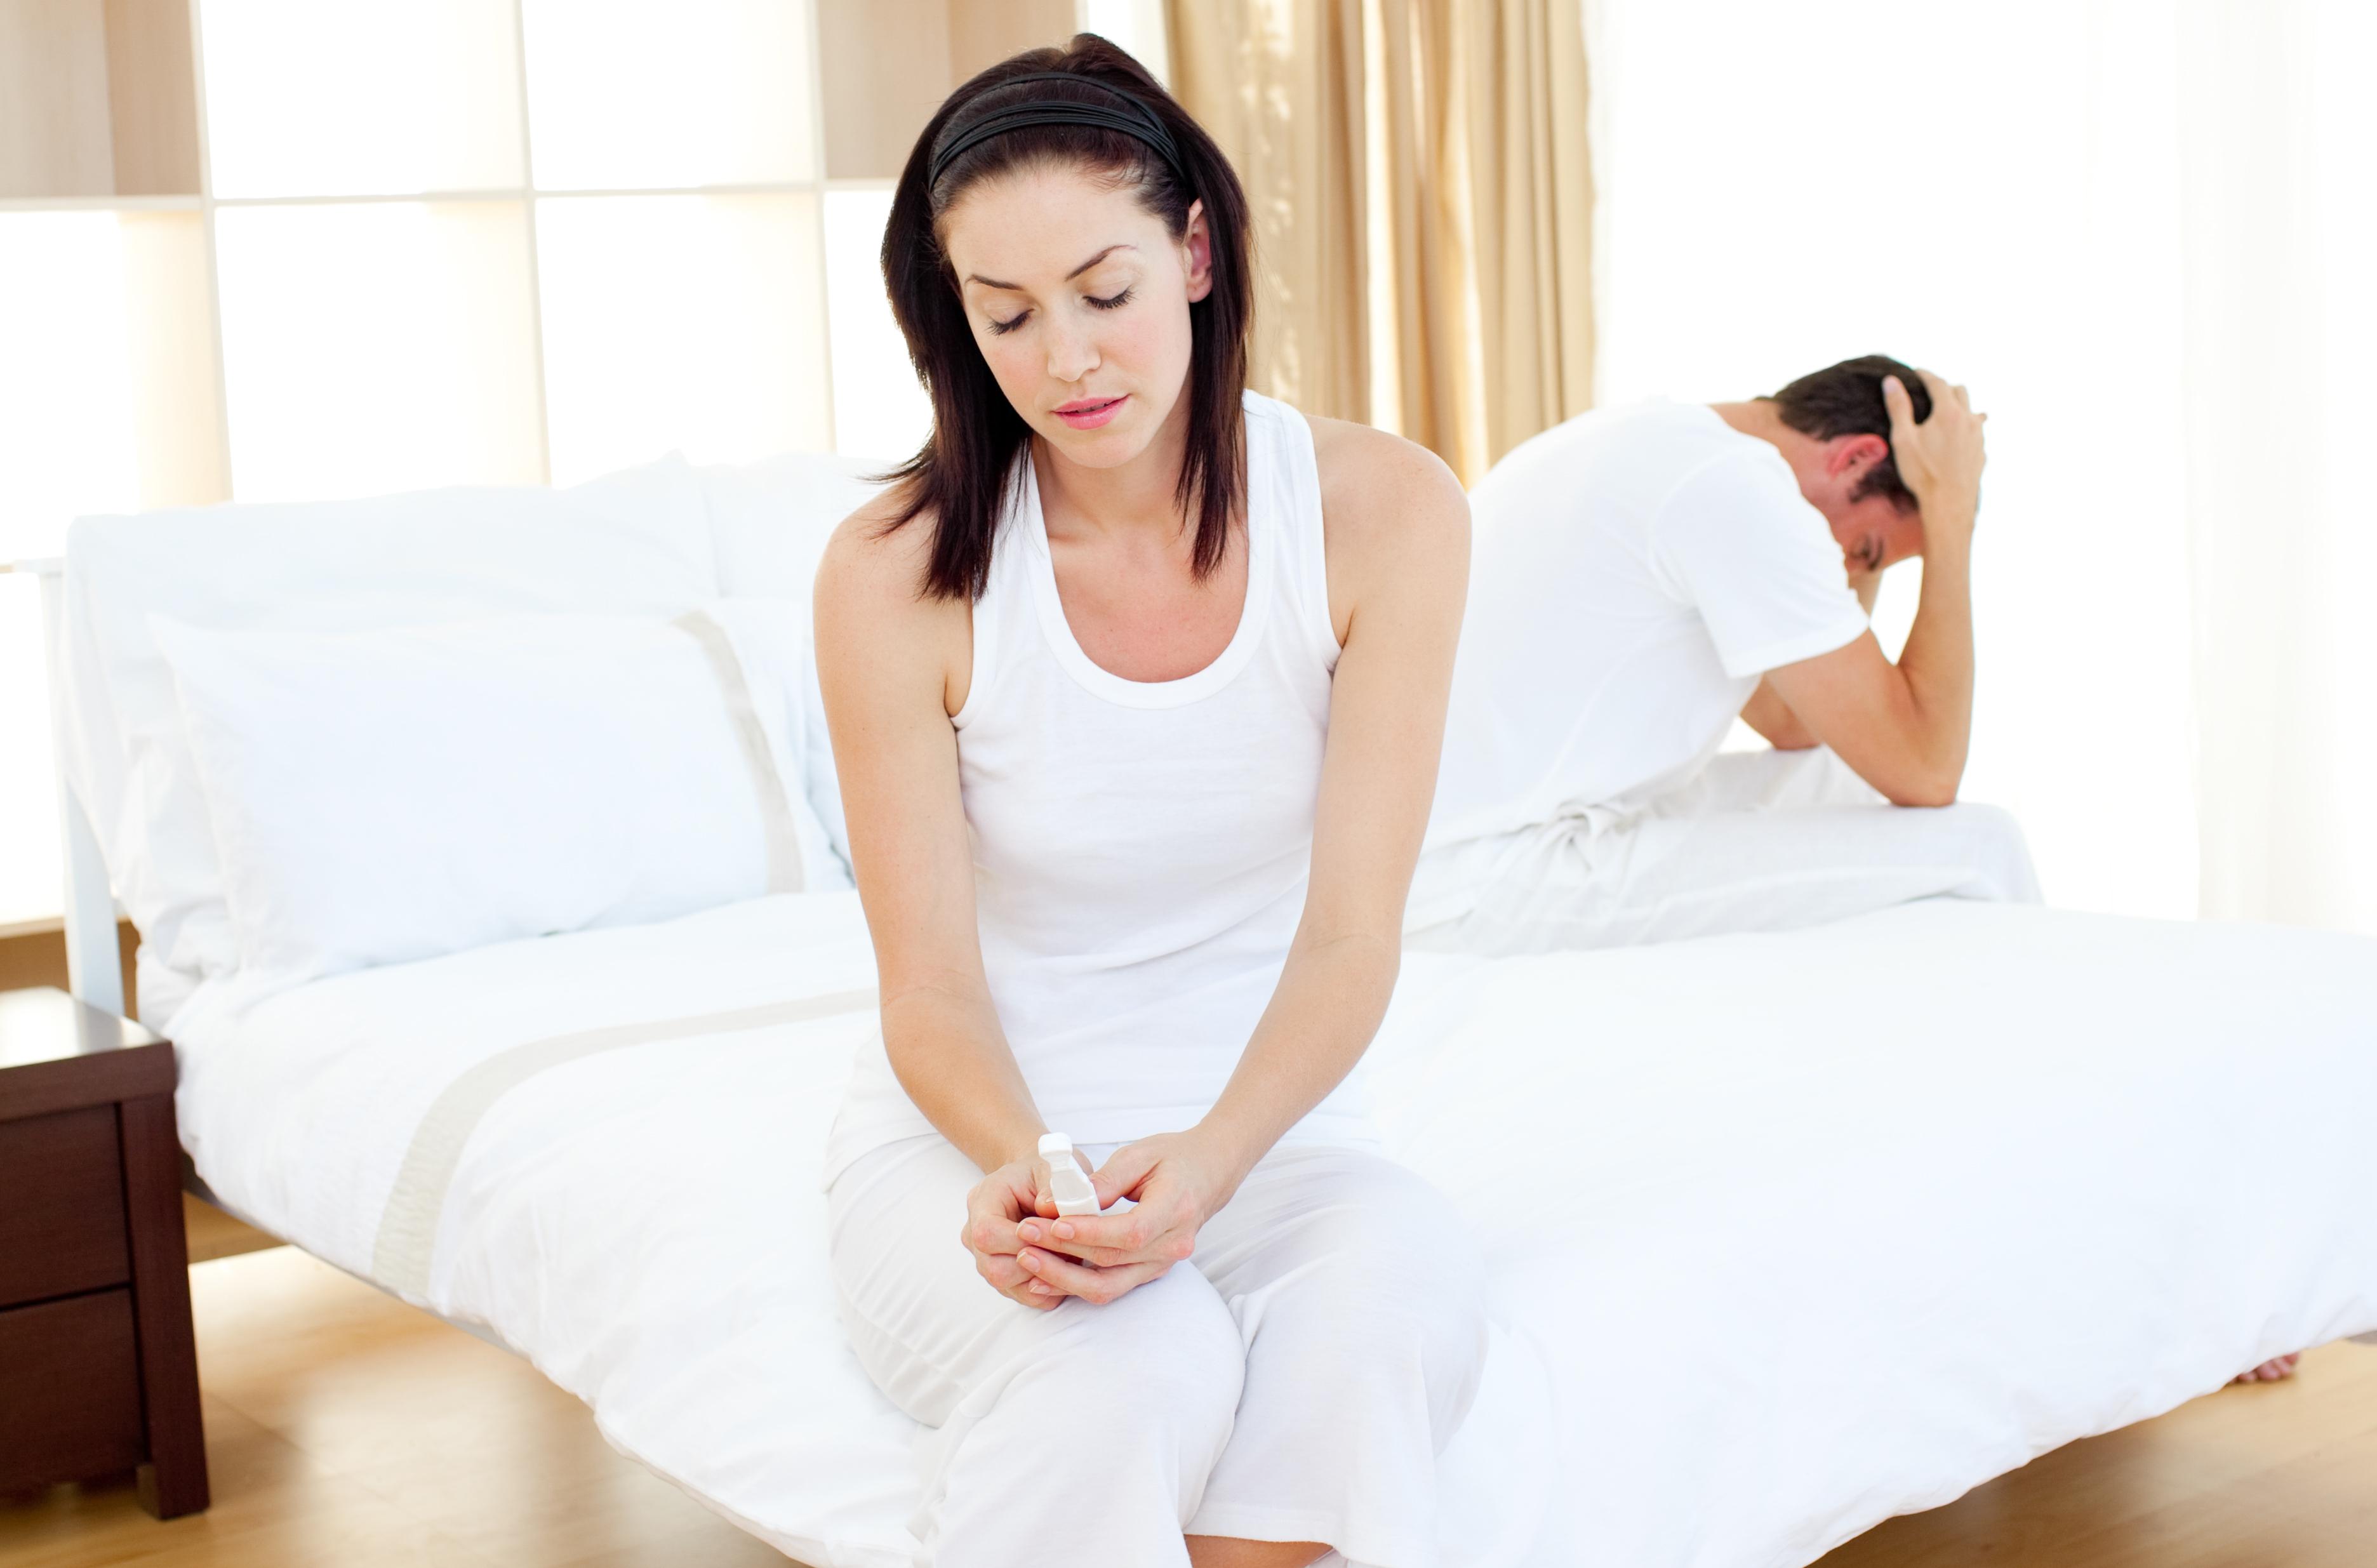 男人早泄影响生育吗?不育和早泄有关吗?